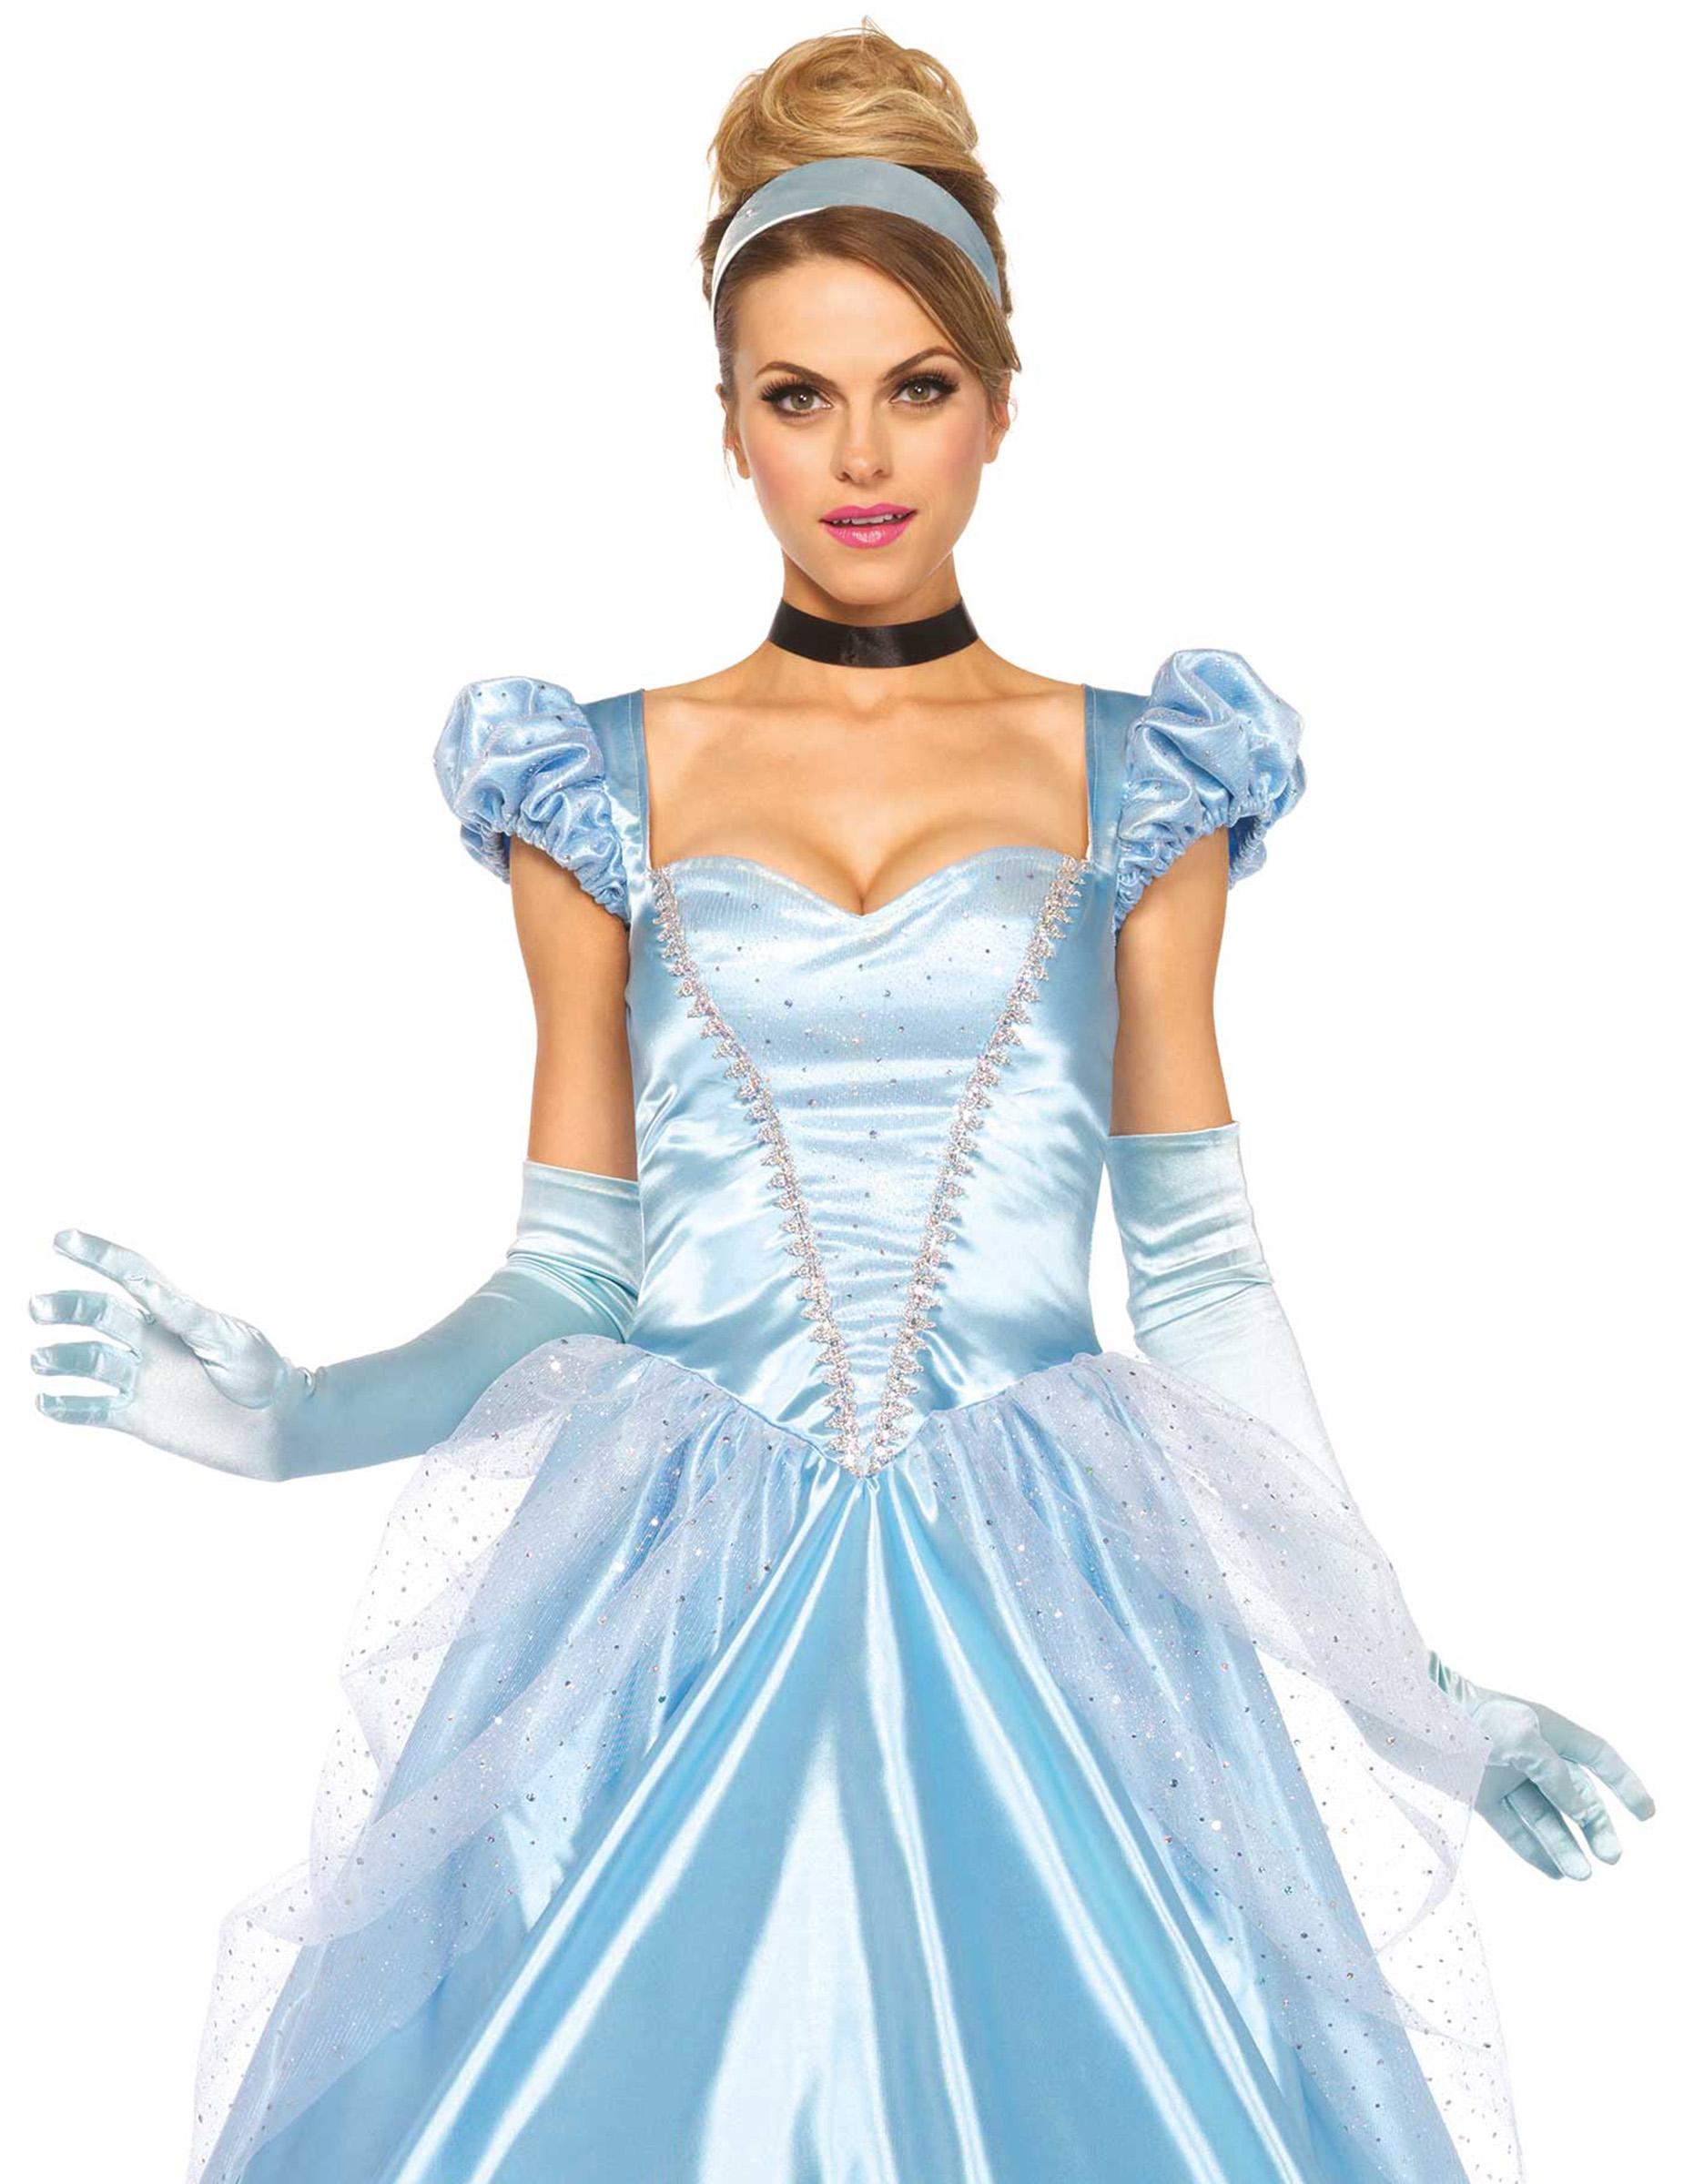 mitternachts-prinzessin kostüm für damen hellblau